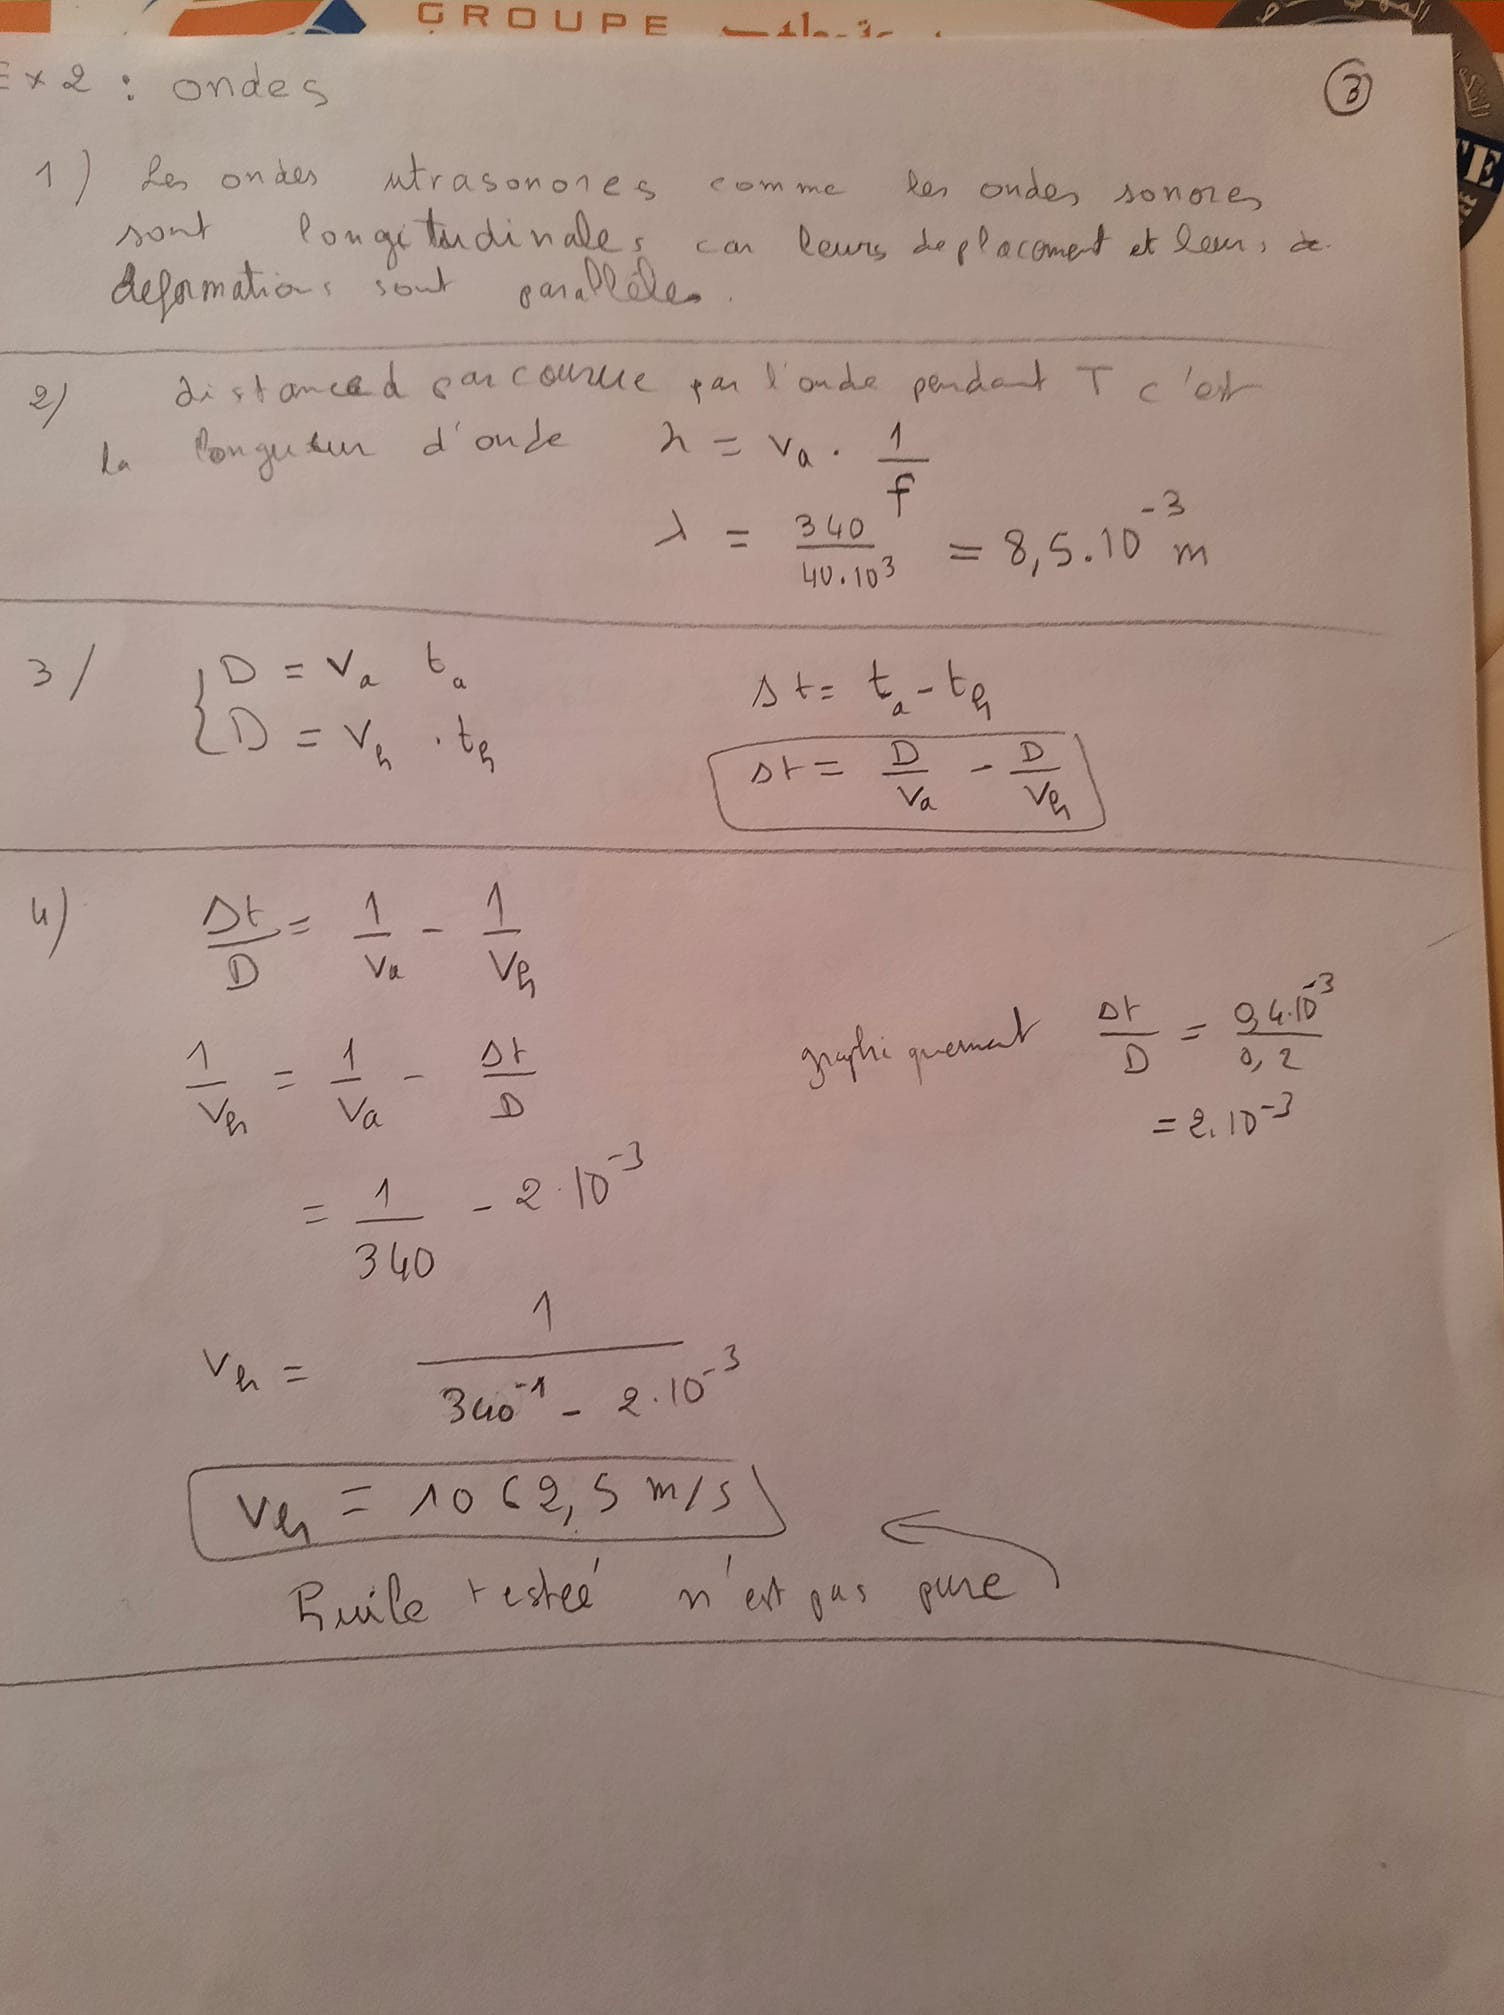 تصحيح الامتحان الوطني 2021 مادة الفيزياء باك علوم رياضية